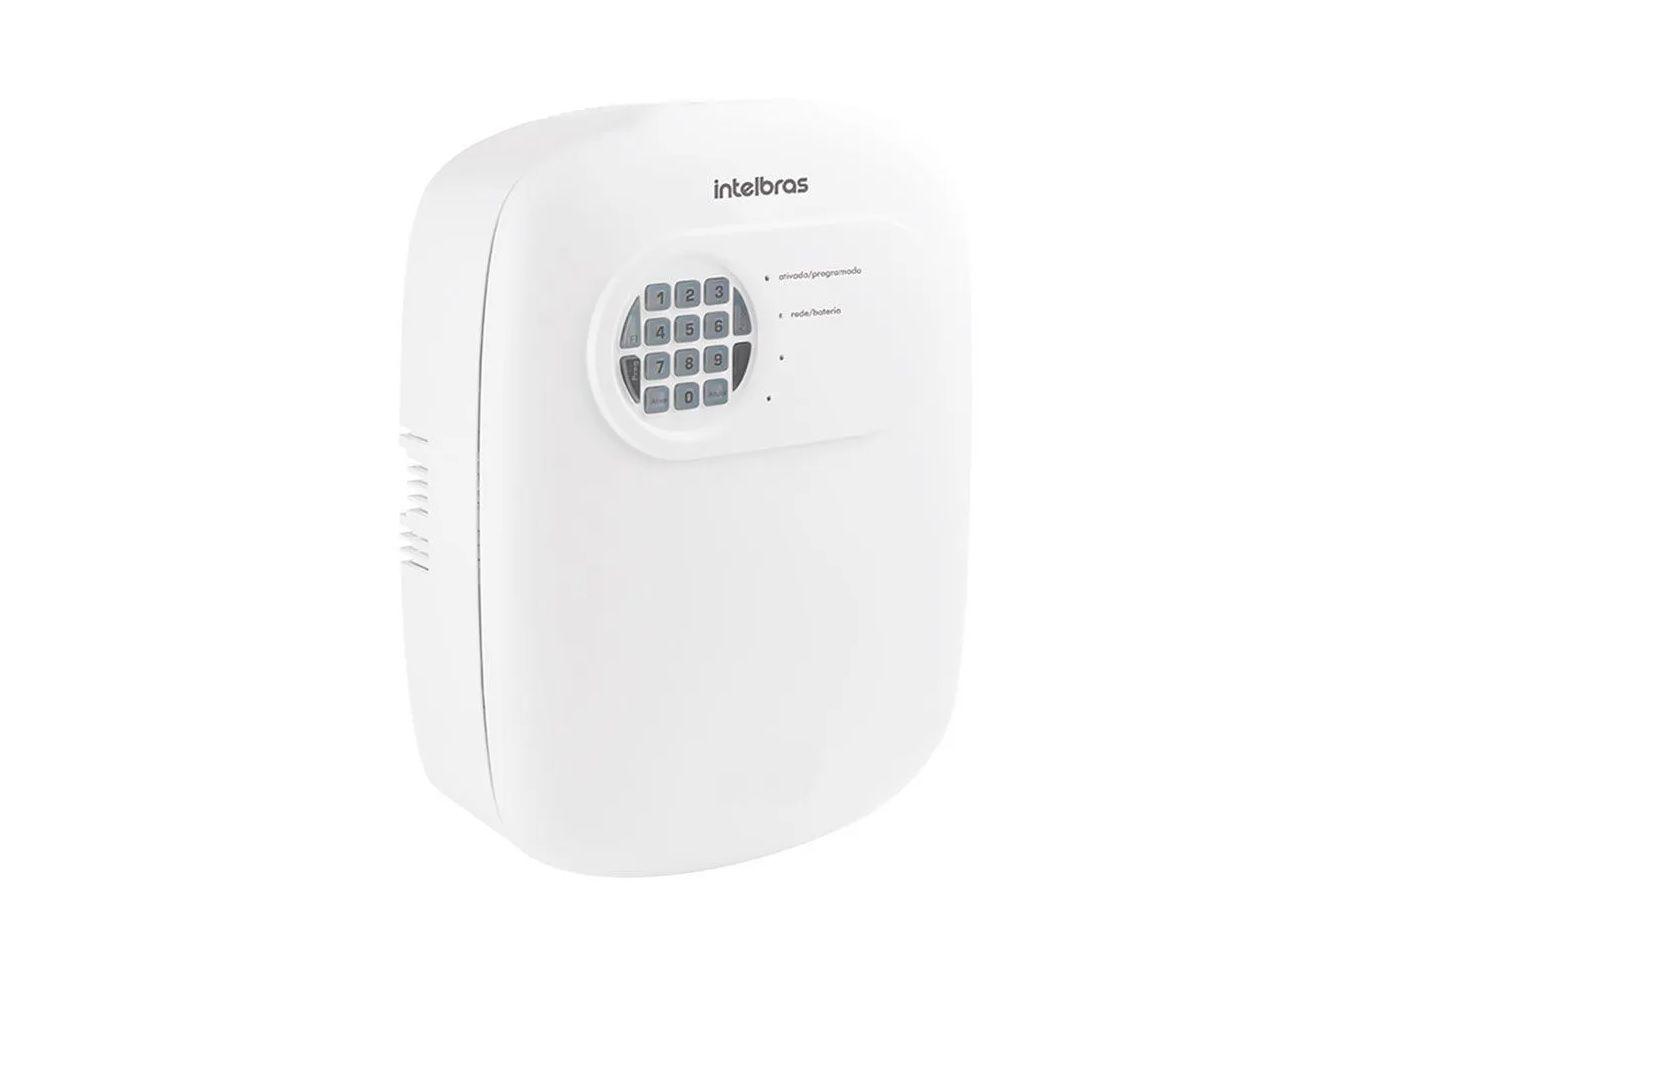 Kit de Alarme Intelbras ANM 3004 ST com 7 Sensores e Discadora por Telefone fixo Sem Fio